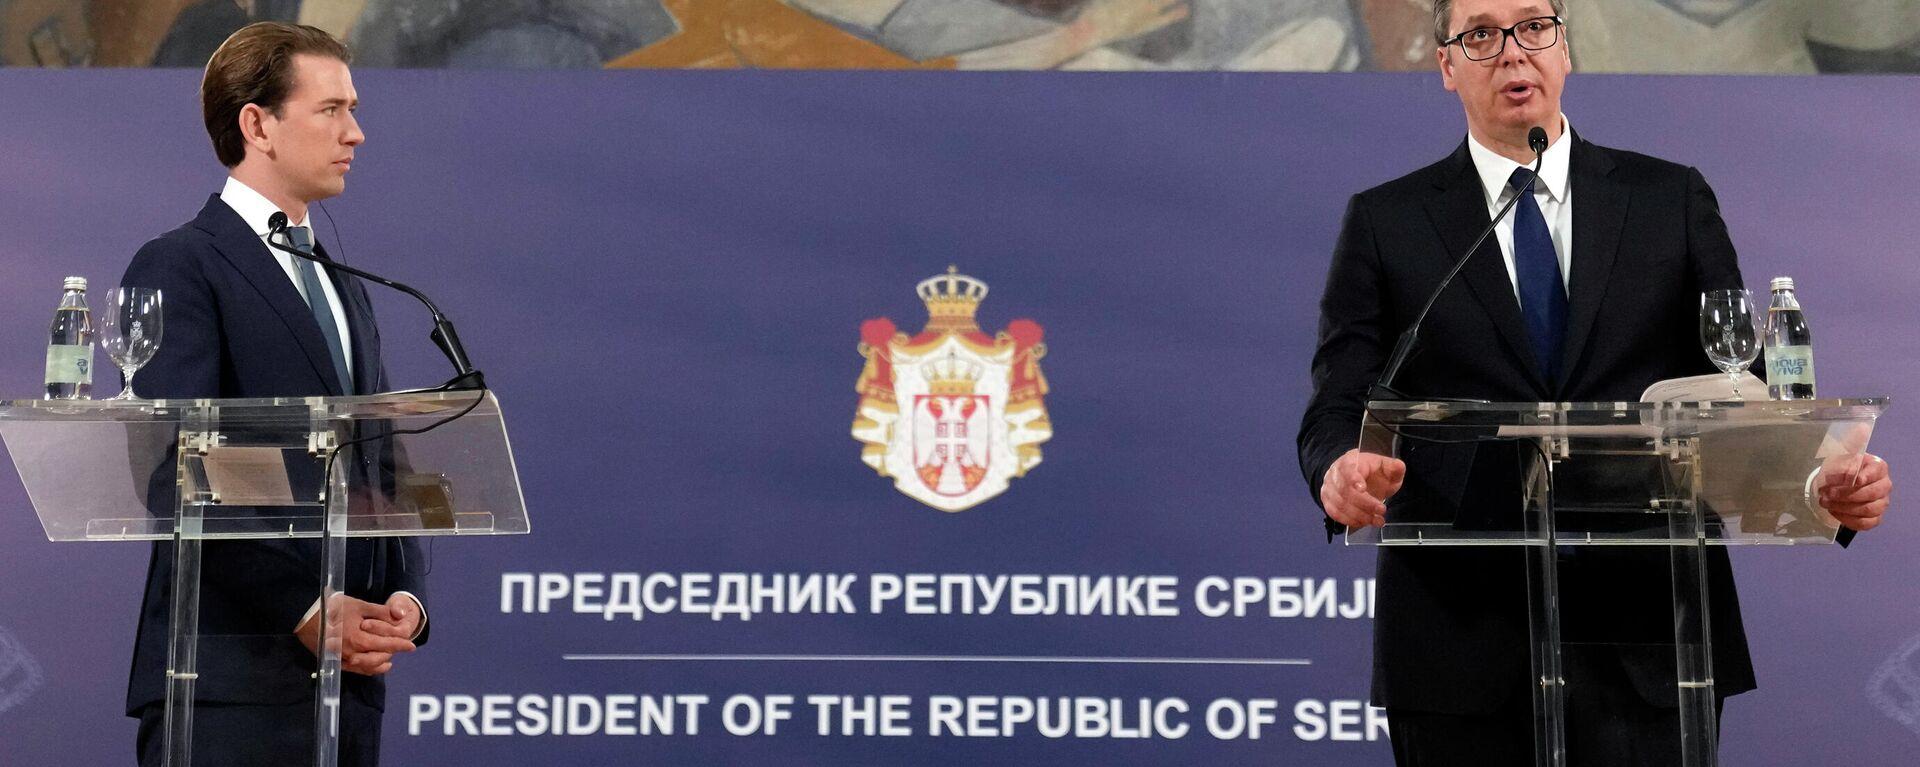 Kanzler Kurz und Präsident Vucic auf einer Pressekonferenz - SNA, 1920, 04.09.2021